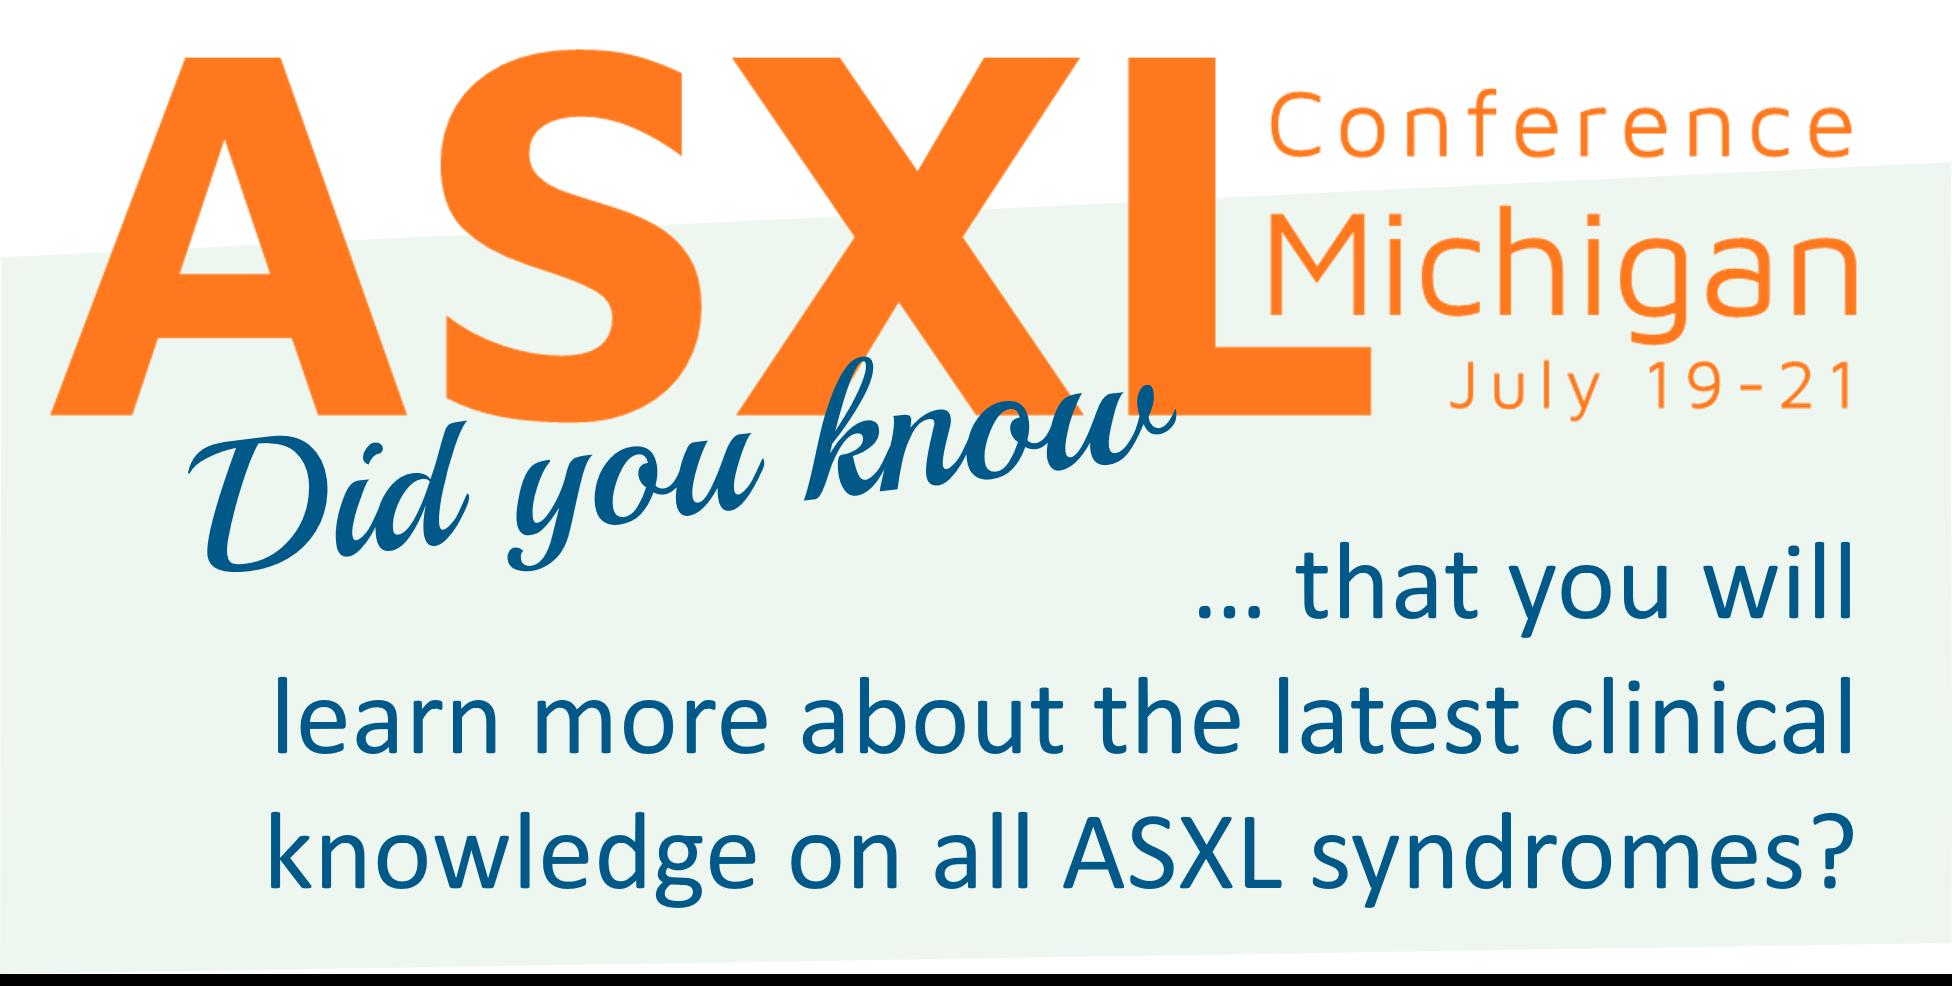 dyk asxl syndromes.png